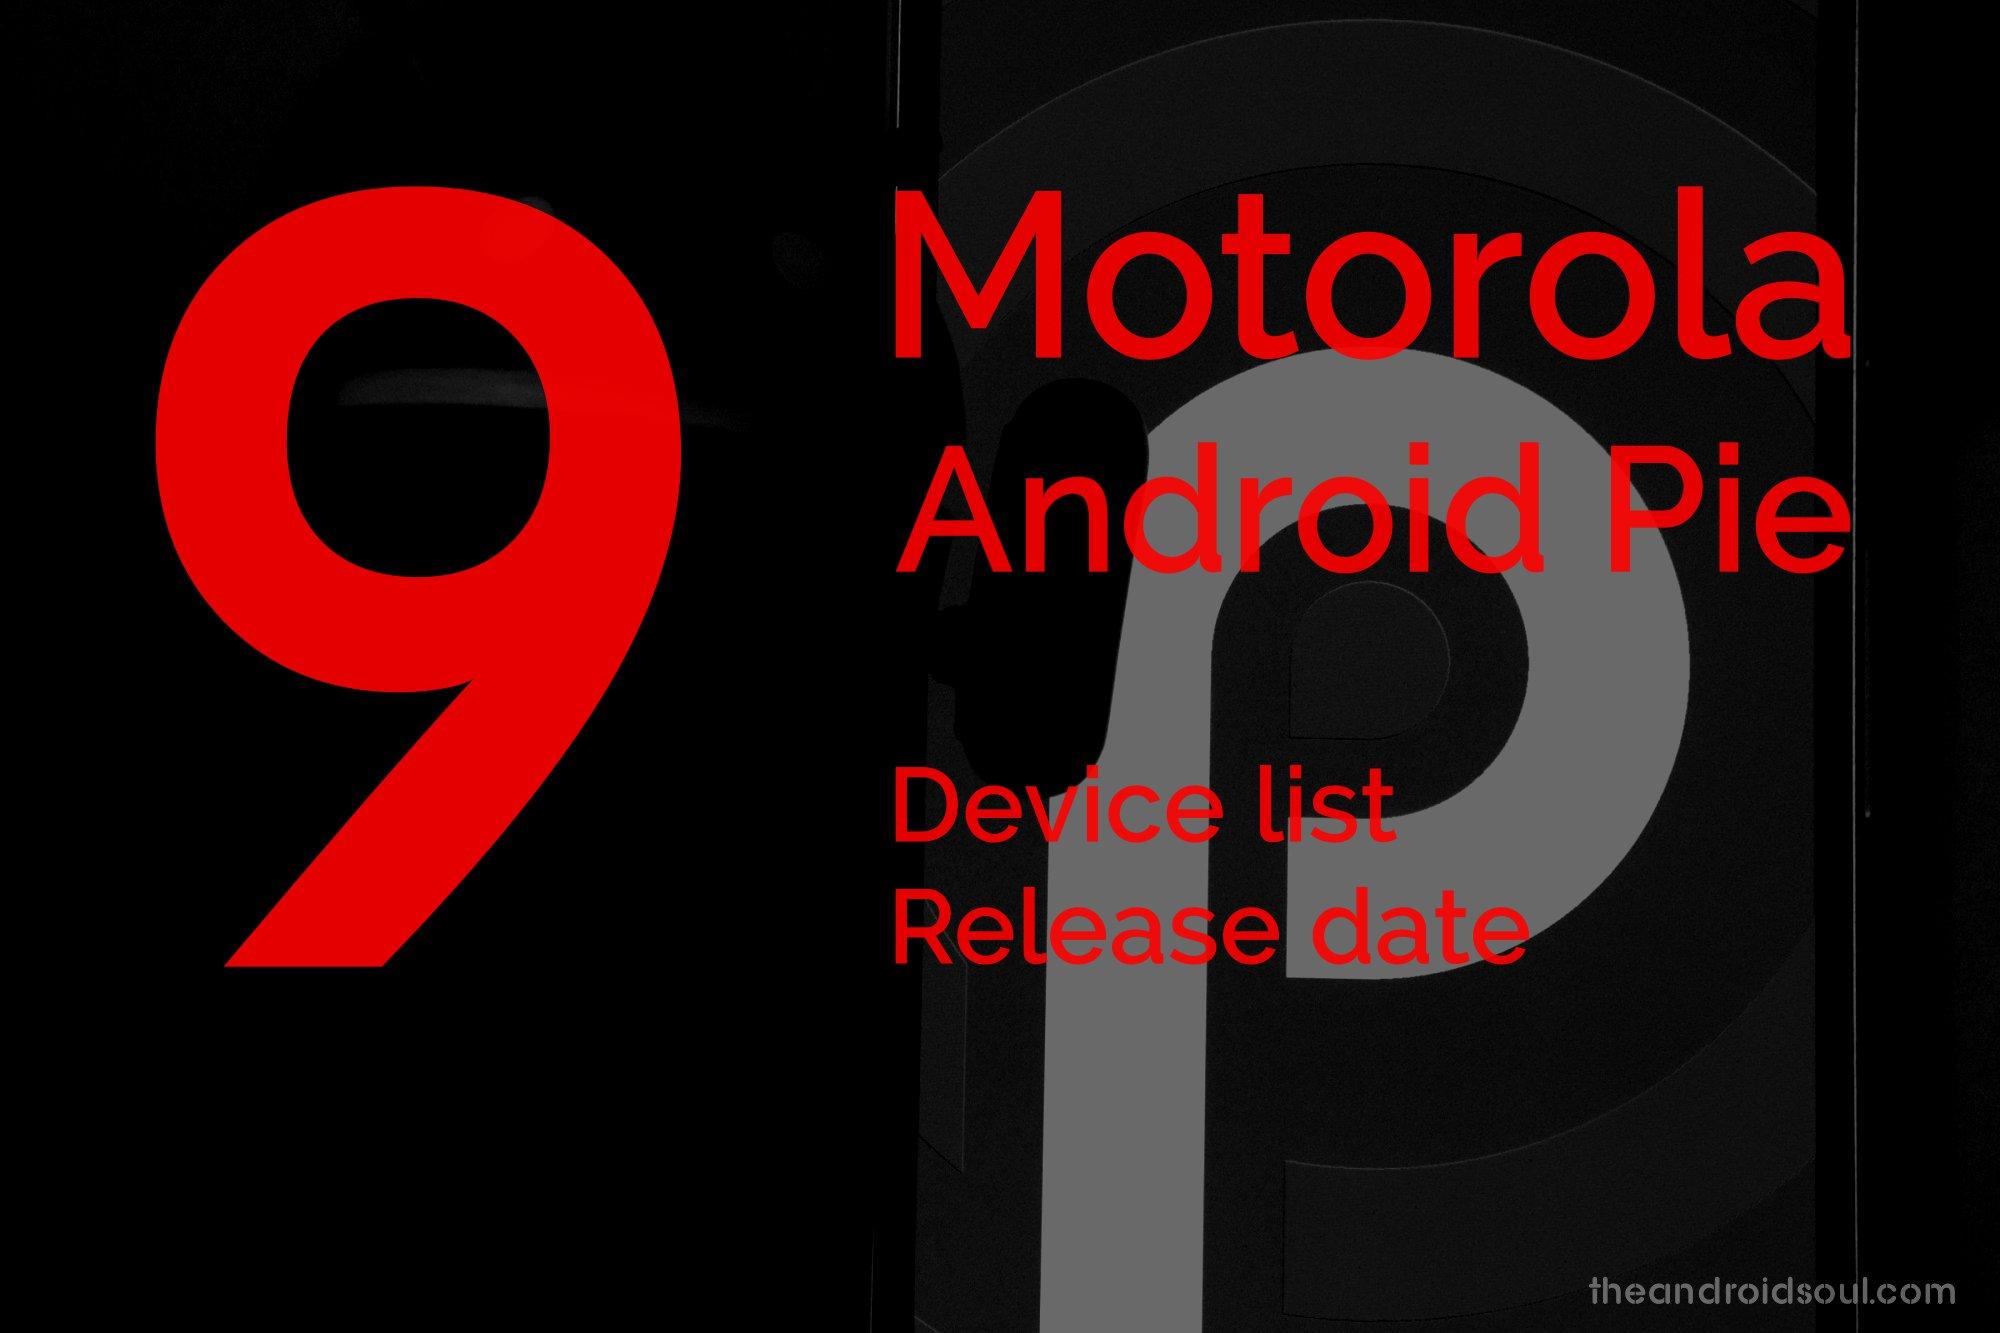 motorola android 9 update list